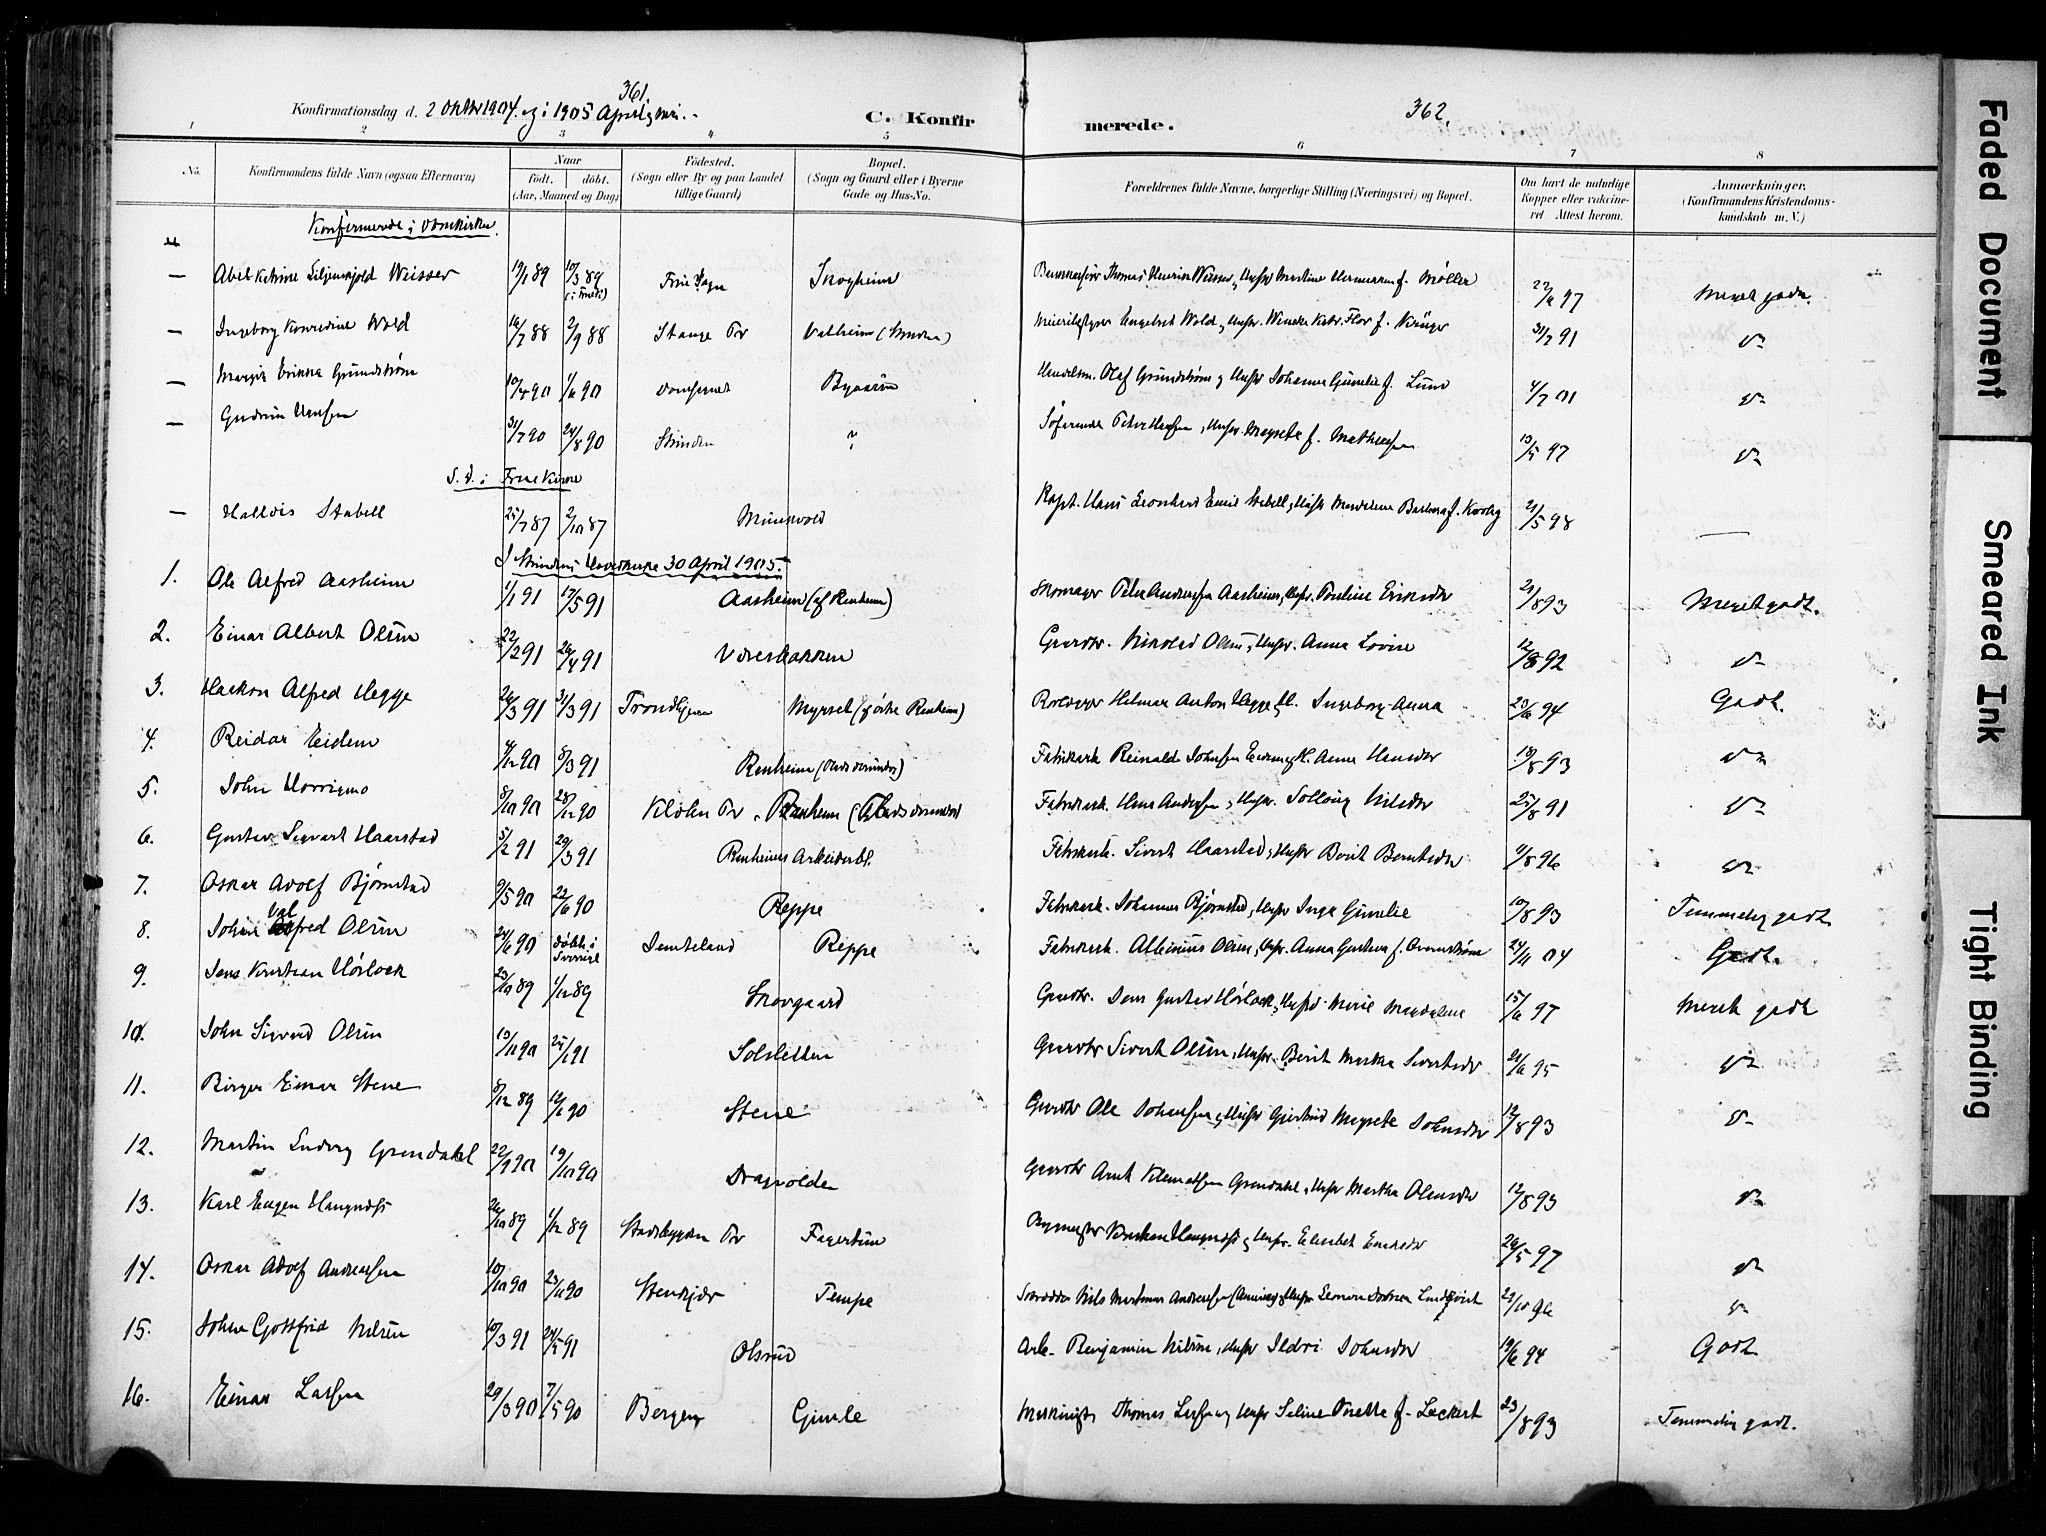 SAT, Ministerialprotokoller, klokkerbøker og fødselsregistre - Sør-Trøndelag, 606/L0301: Ministerialbok nr. 606A16, 1894-1907, s. 361-362